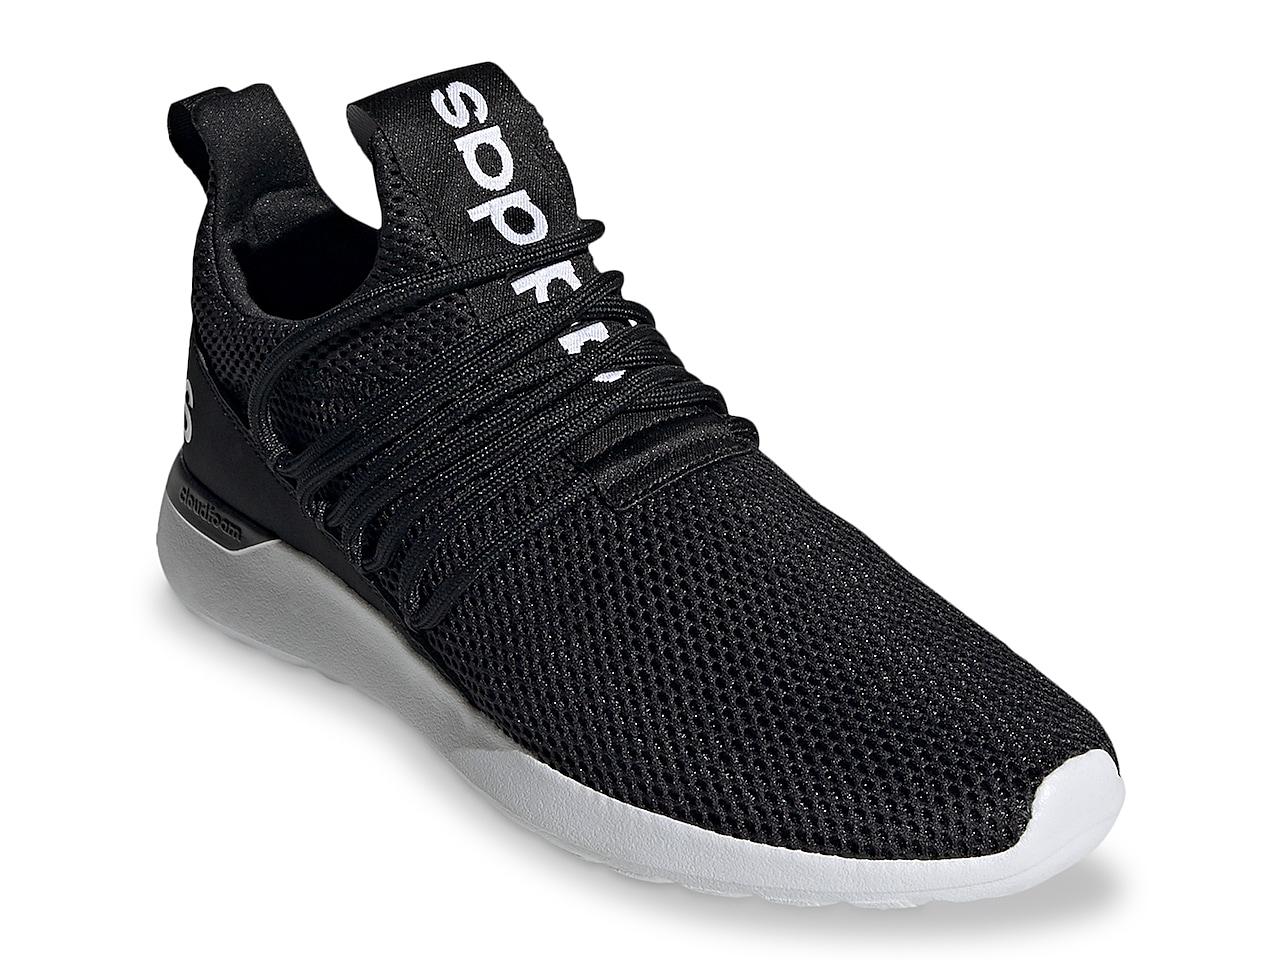 adidas Lite Racer Adapt 3.0 Sneaker - Men's